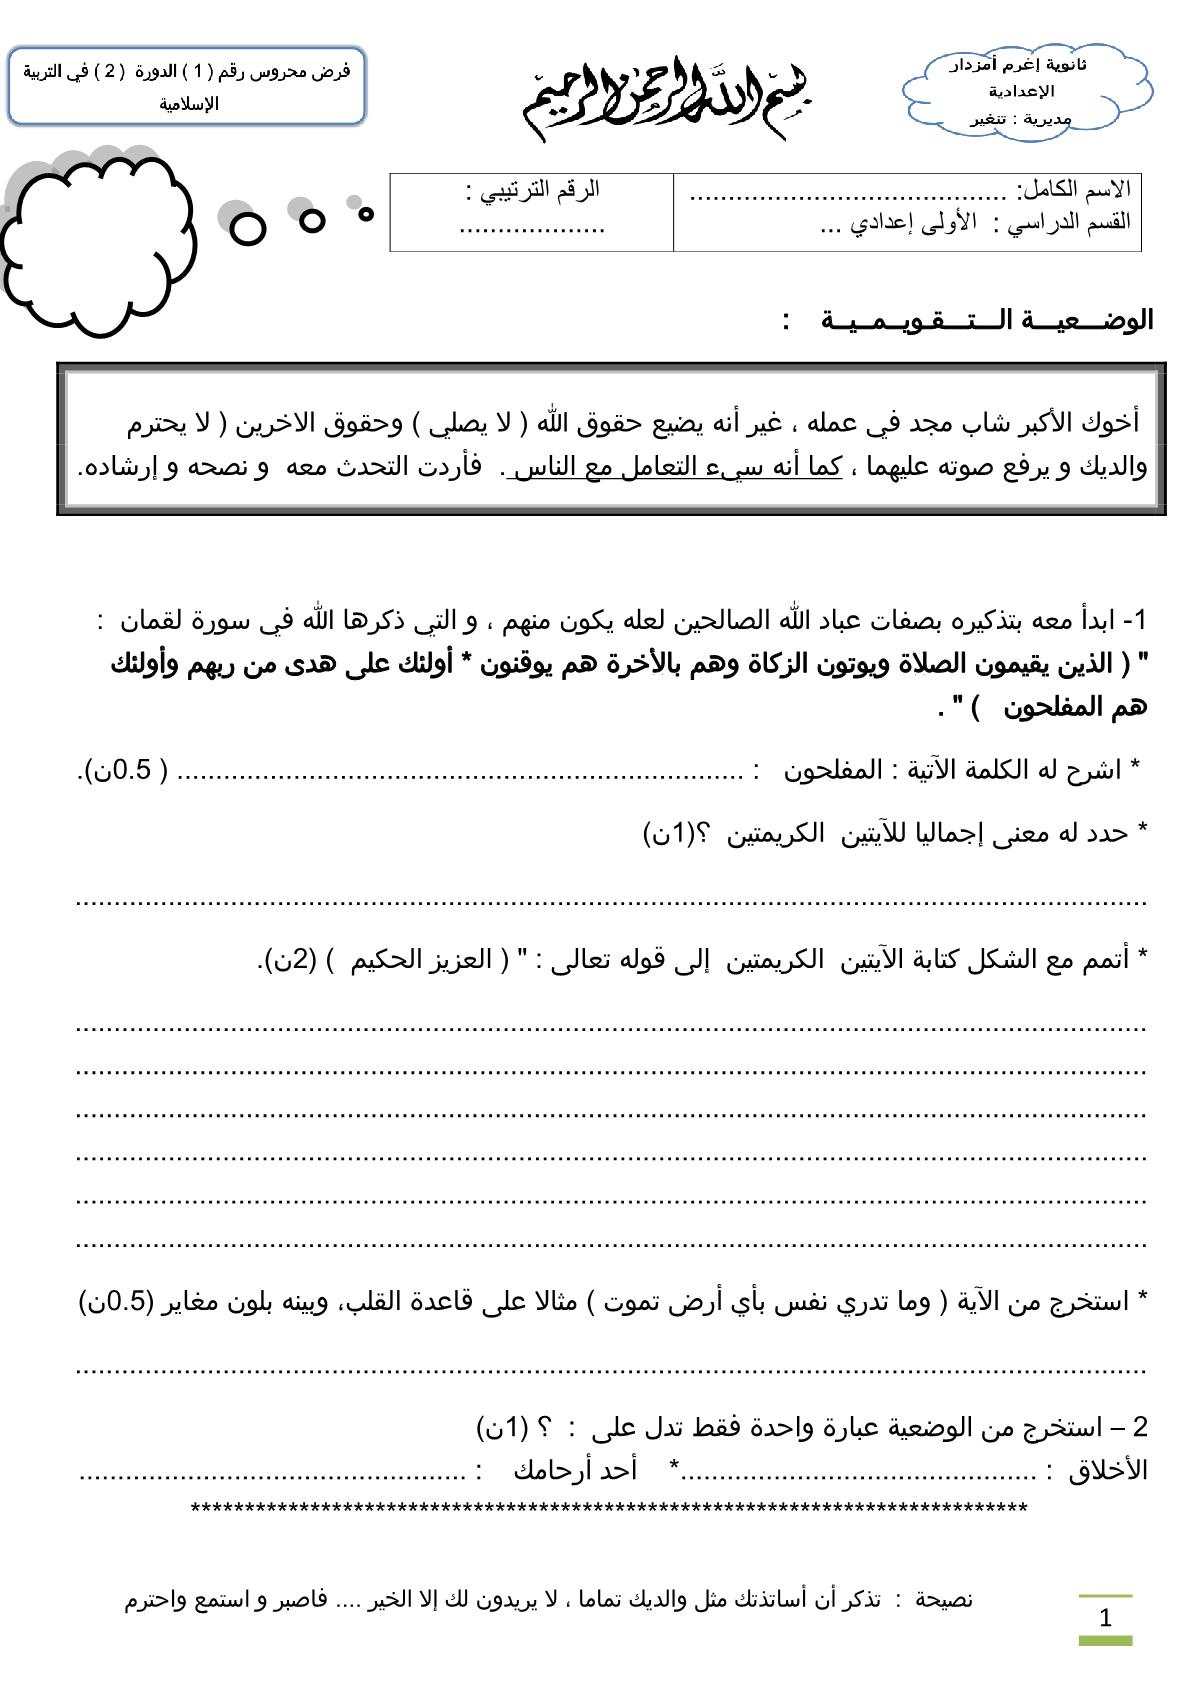 الفرض الخامس في مادة التربية الإسلامية الدورة الثانية للسنة الأولى إعدادي